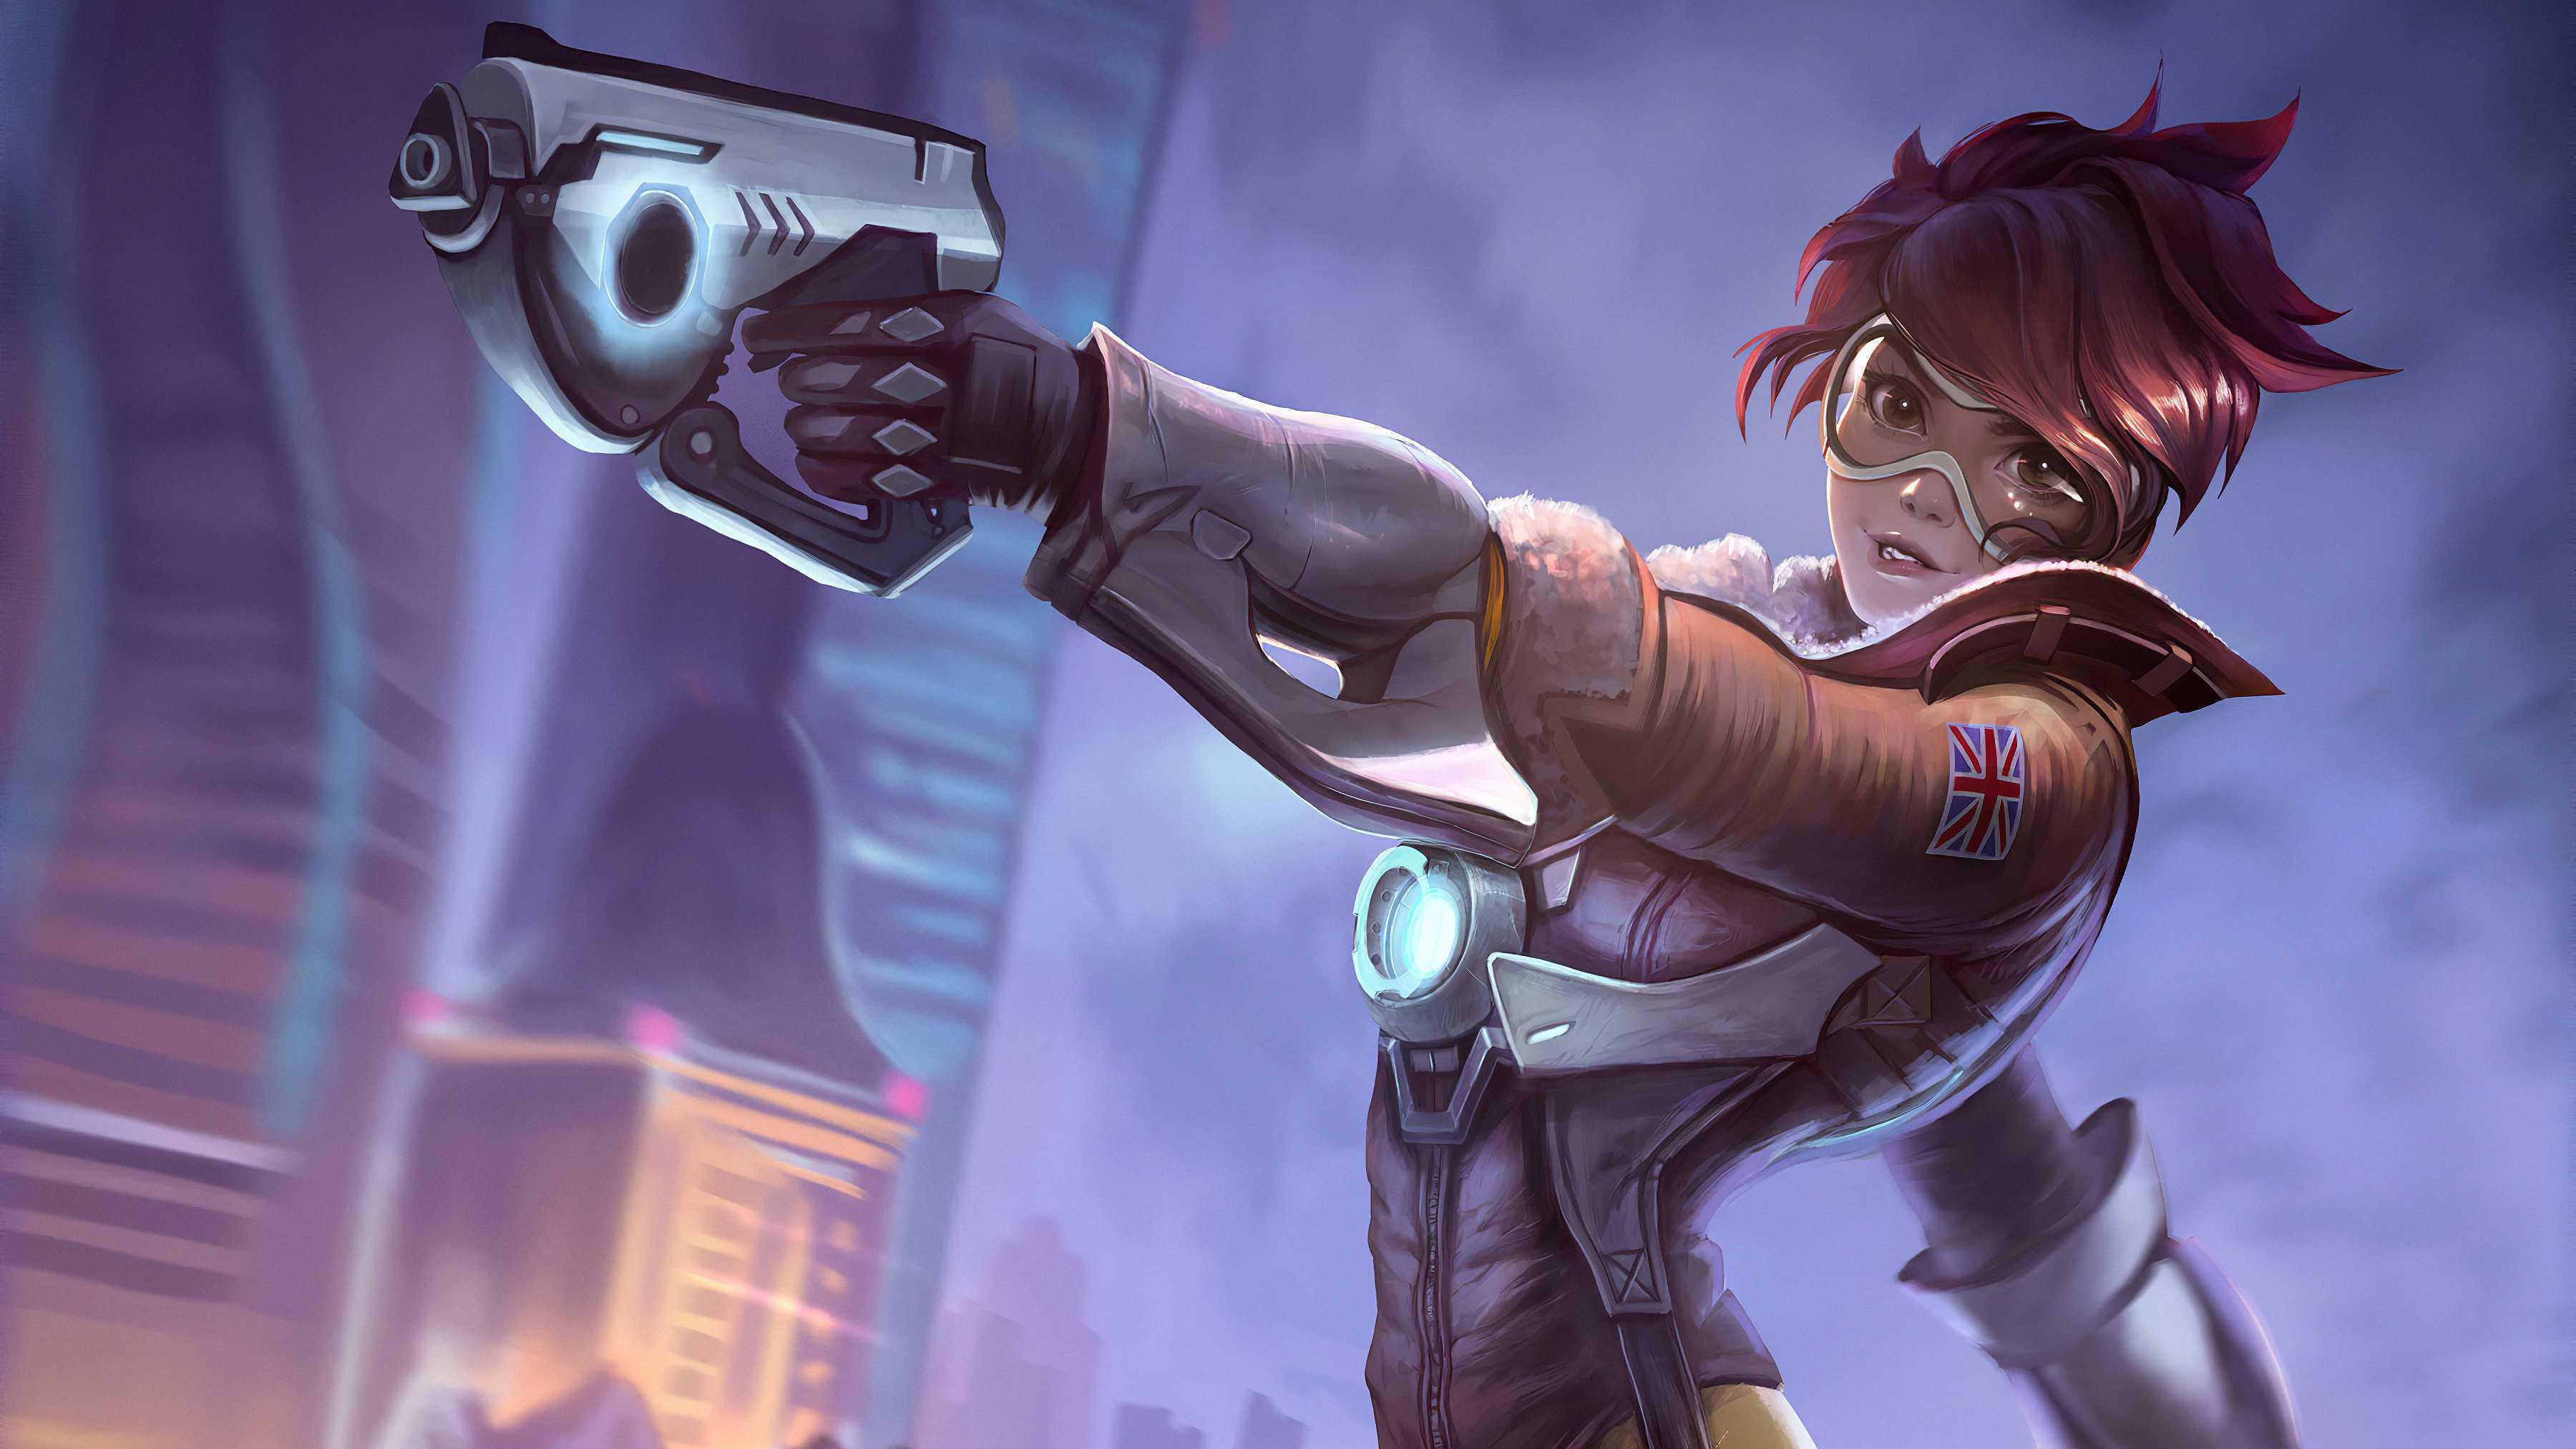 D.Va Overwatch 4k In Overwatch Wallpaper 2021